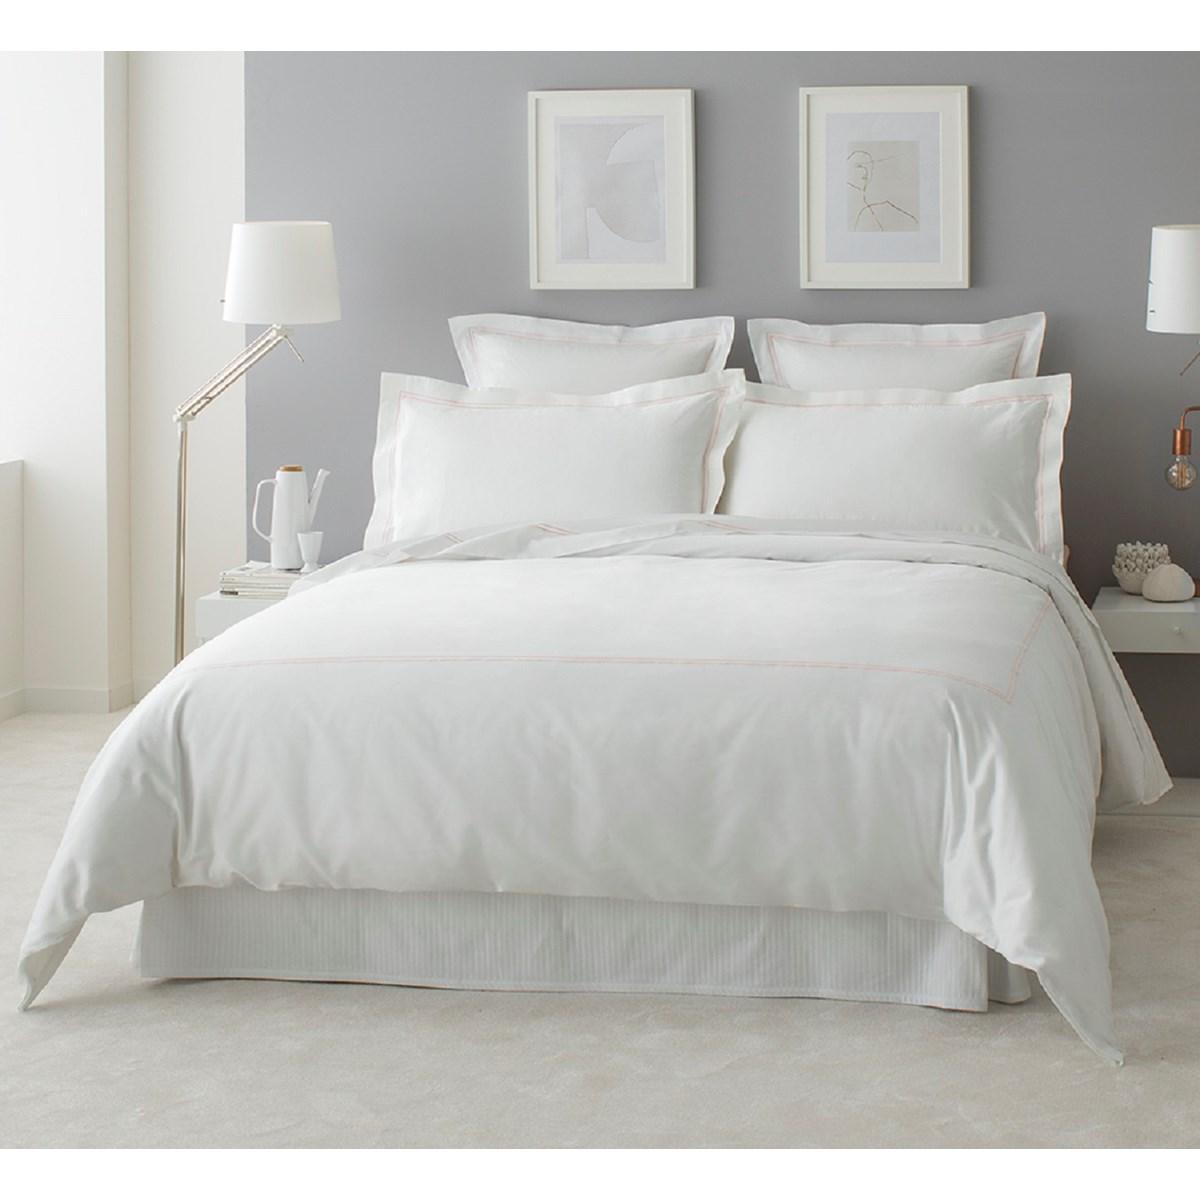 Housse de couette luxe en Satin de coton  Rose pâle 240x220 cm